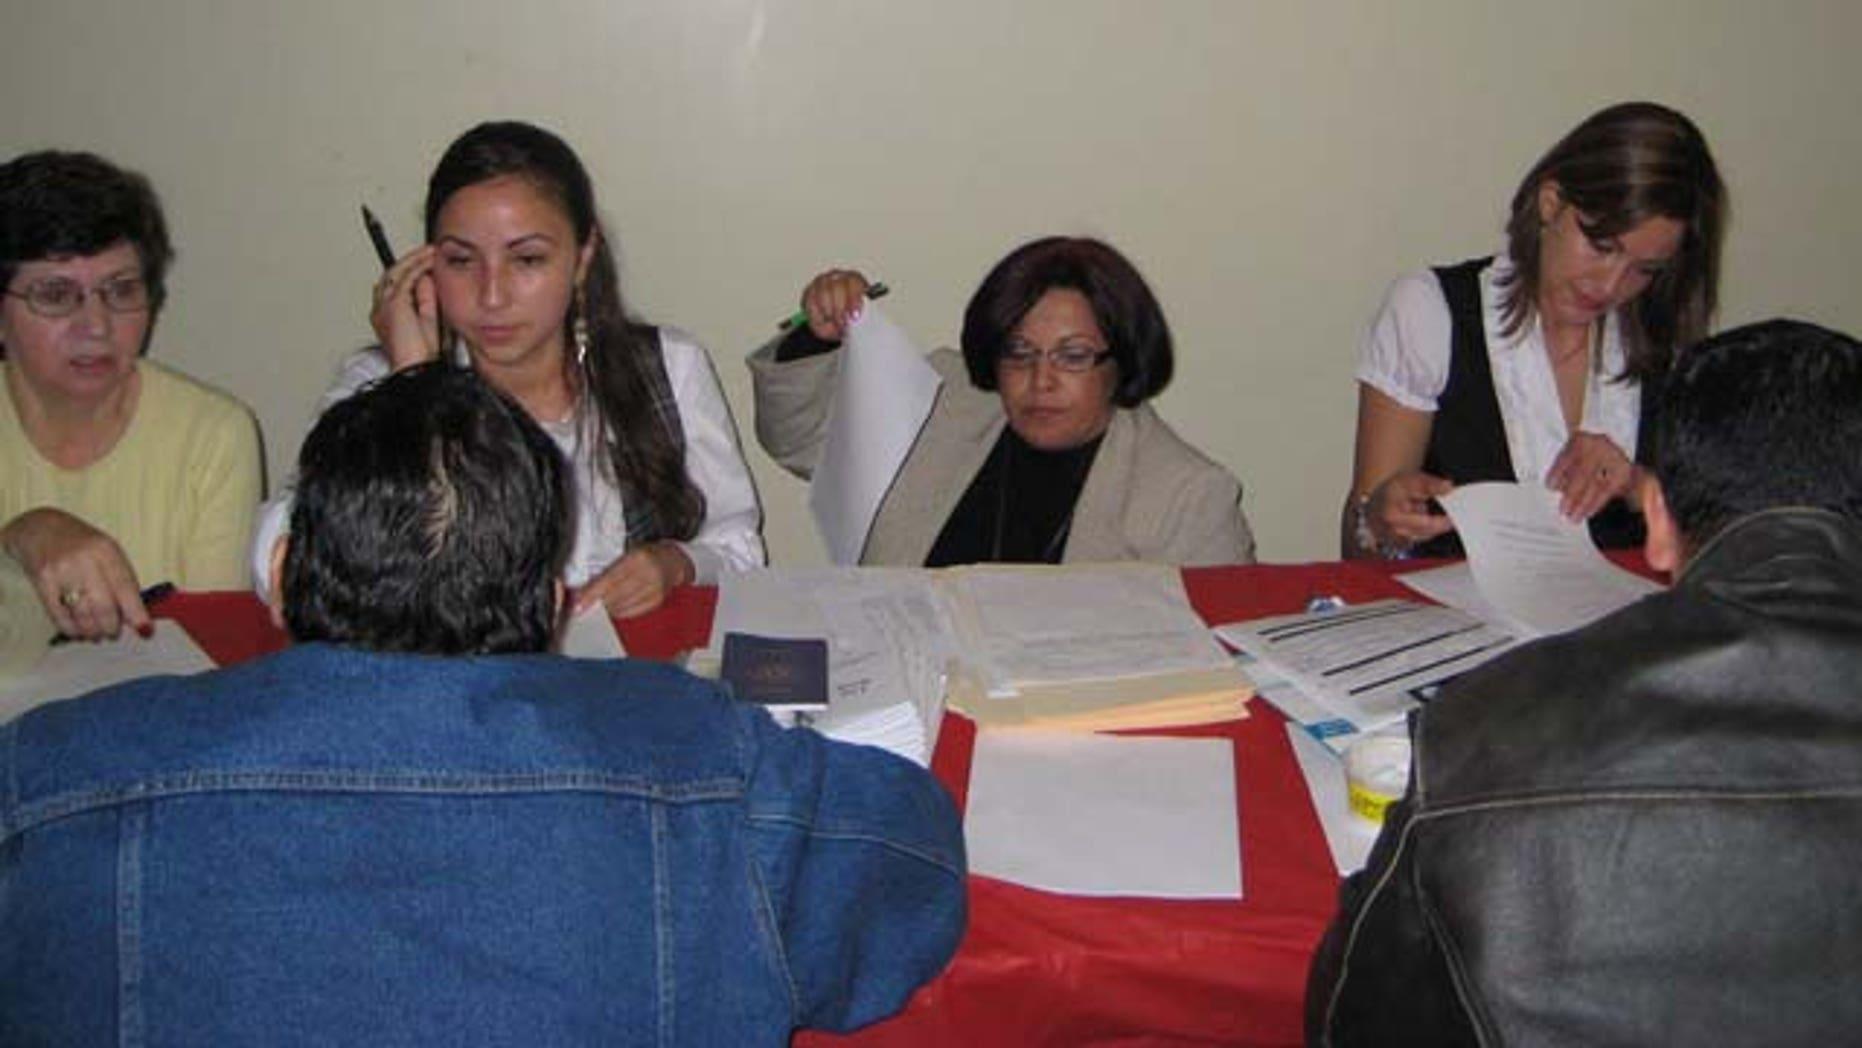 Massachusetts residents enrolling for healthcare at the Latino Health Insurance Program.